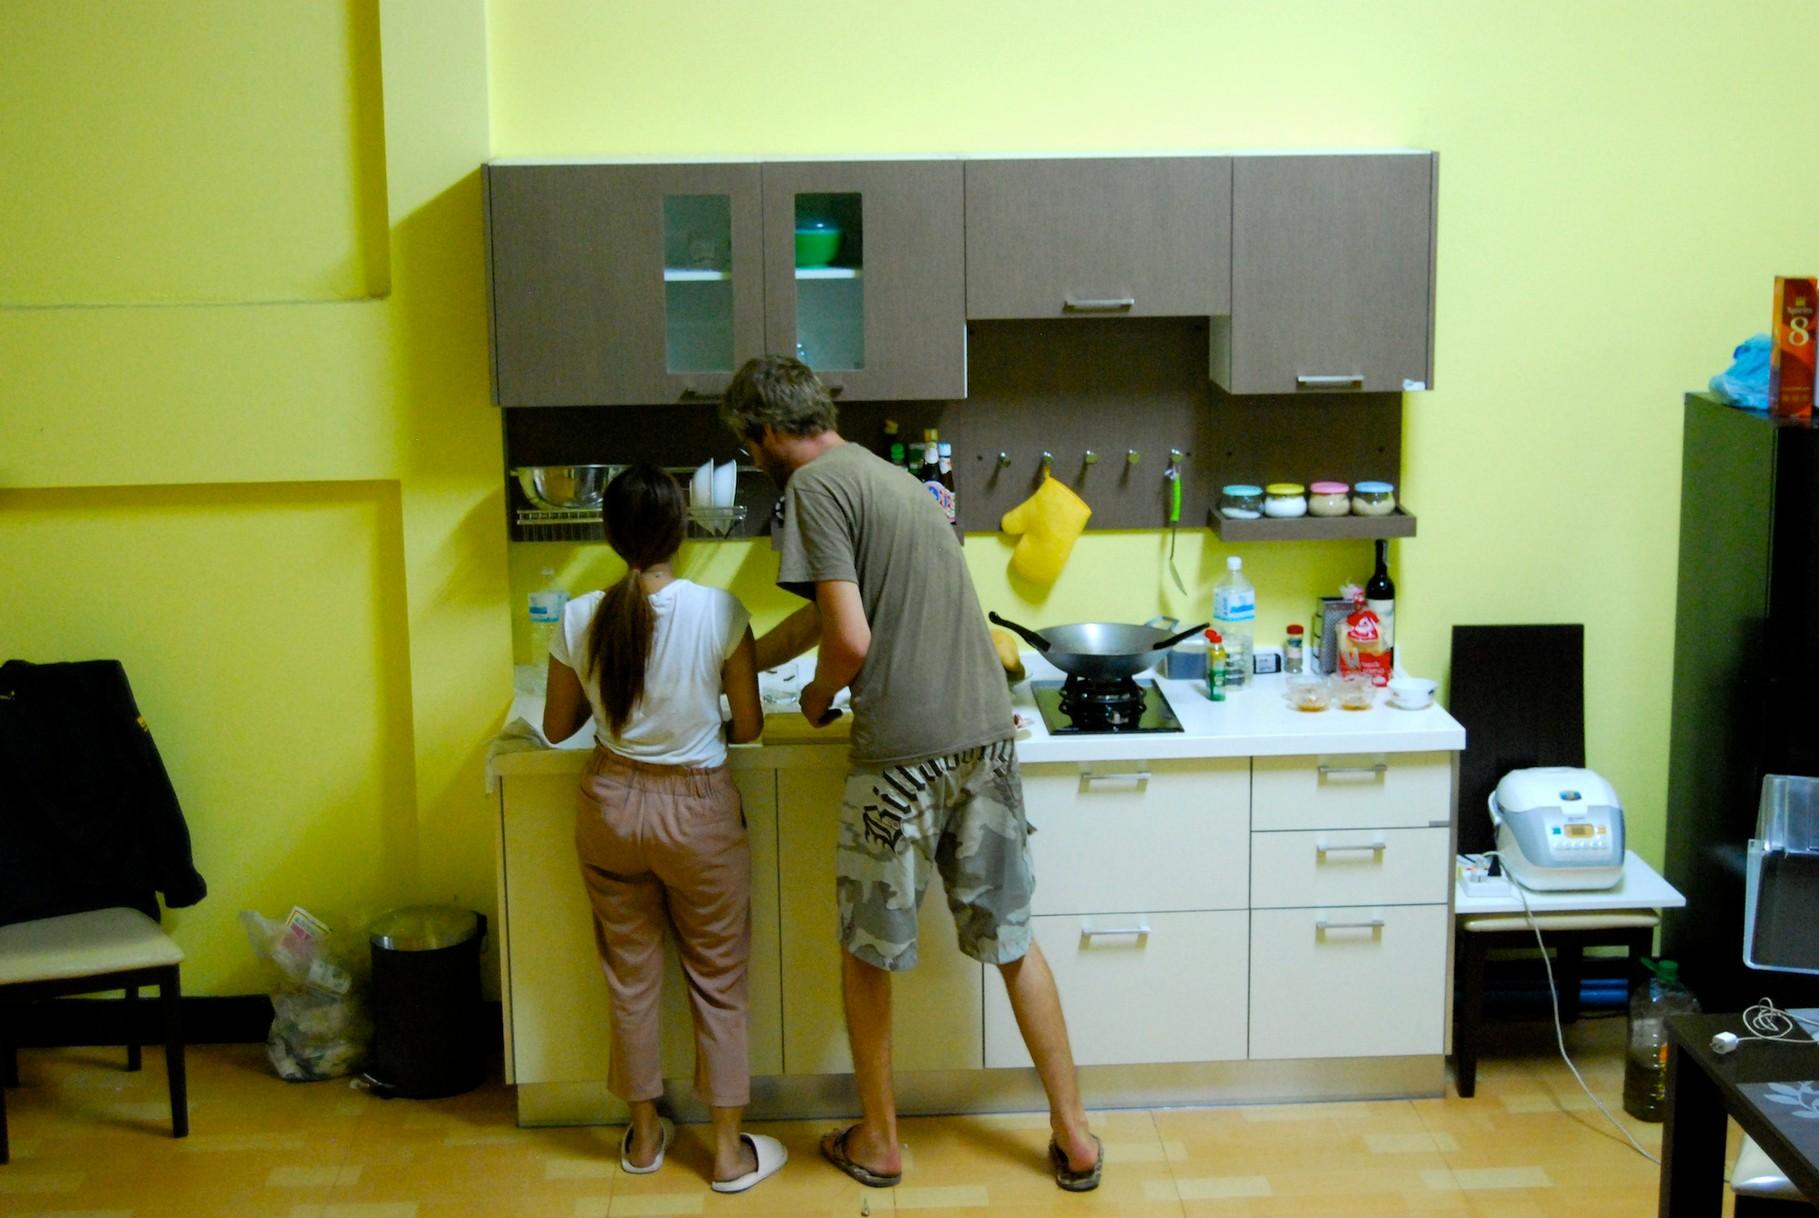 David und Minty beim Kochen